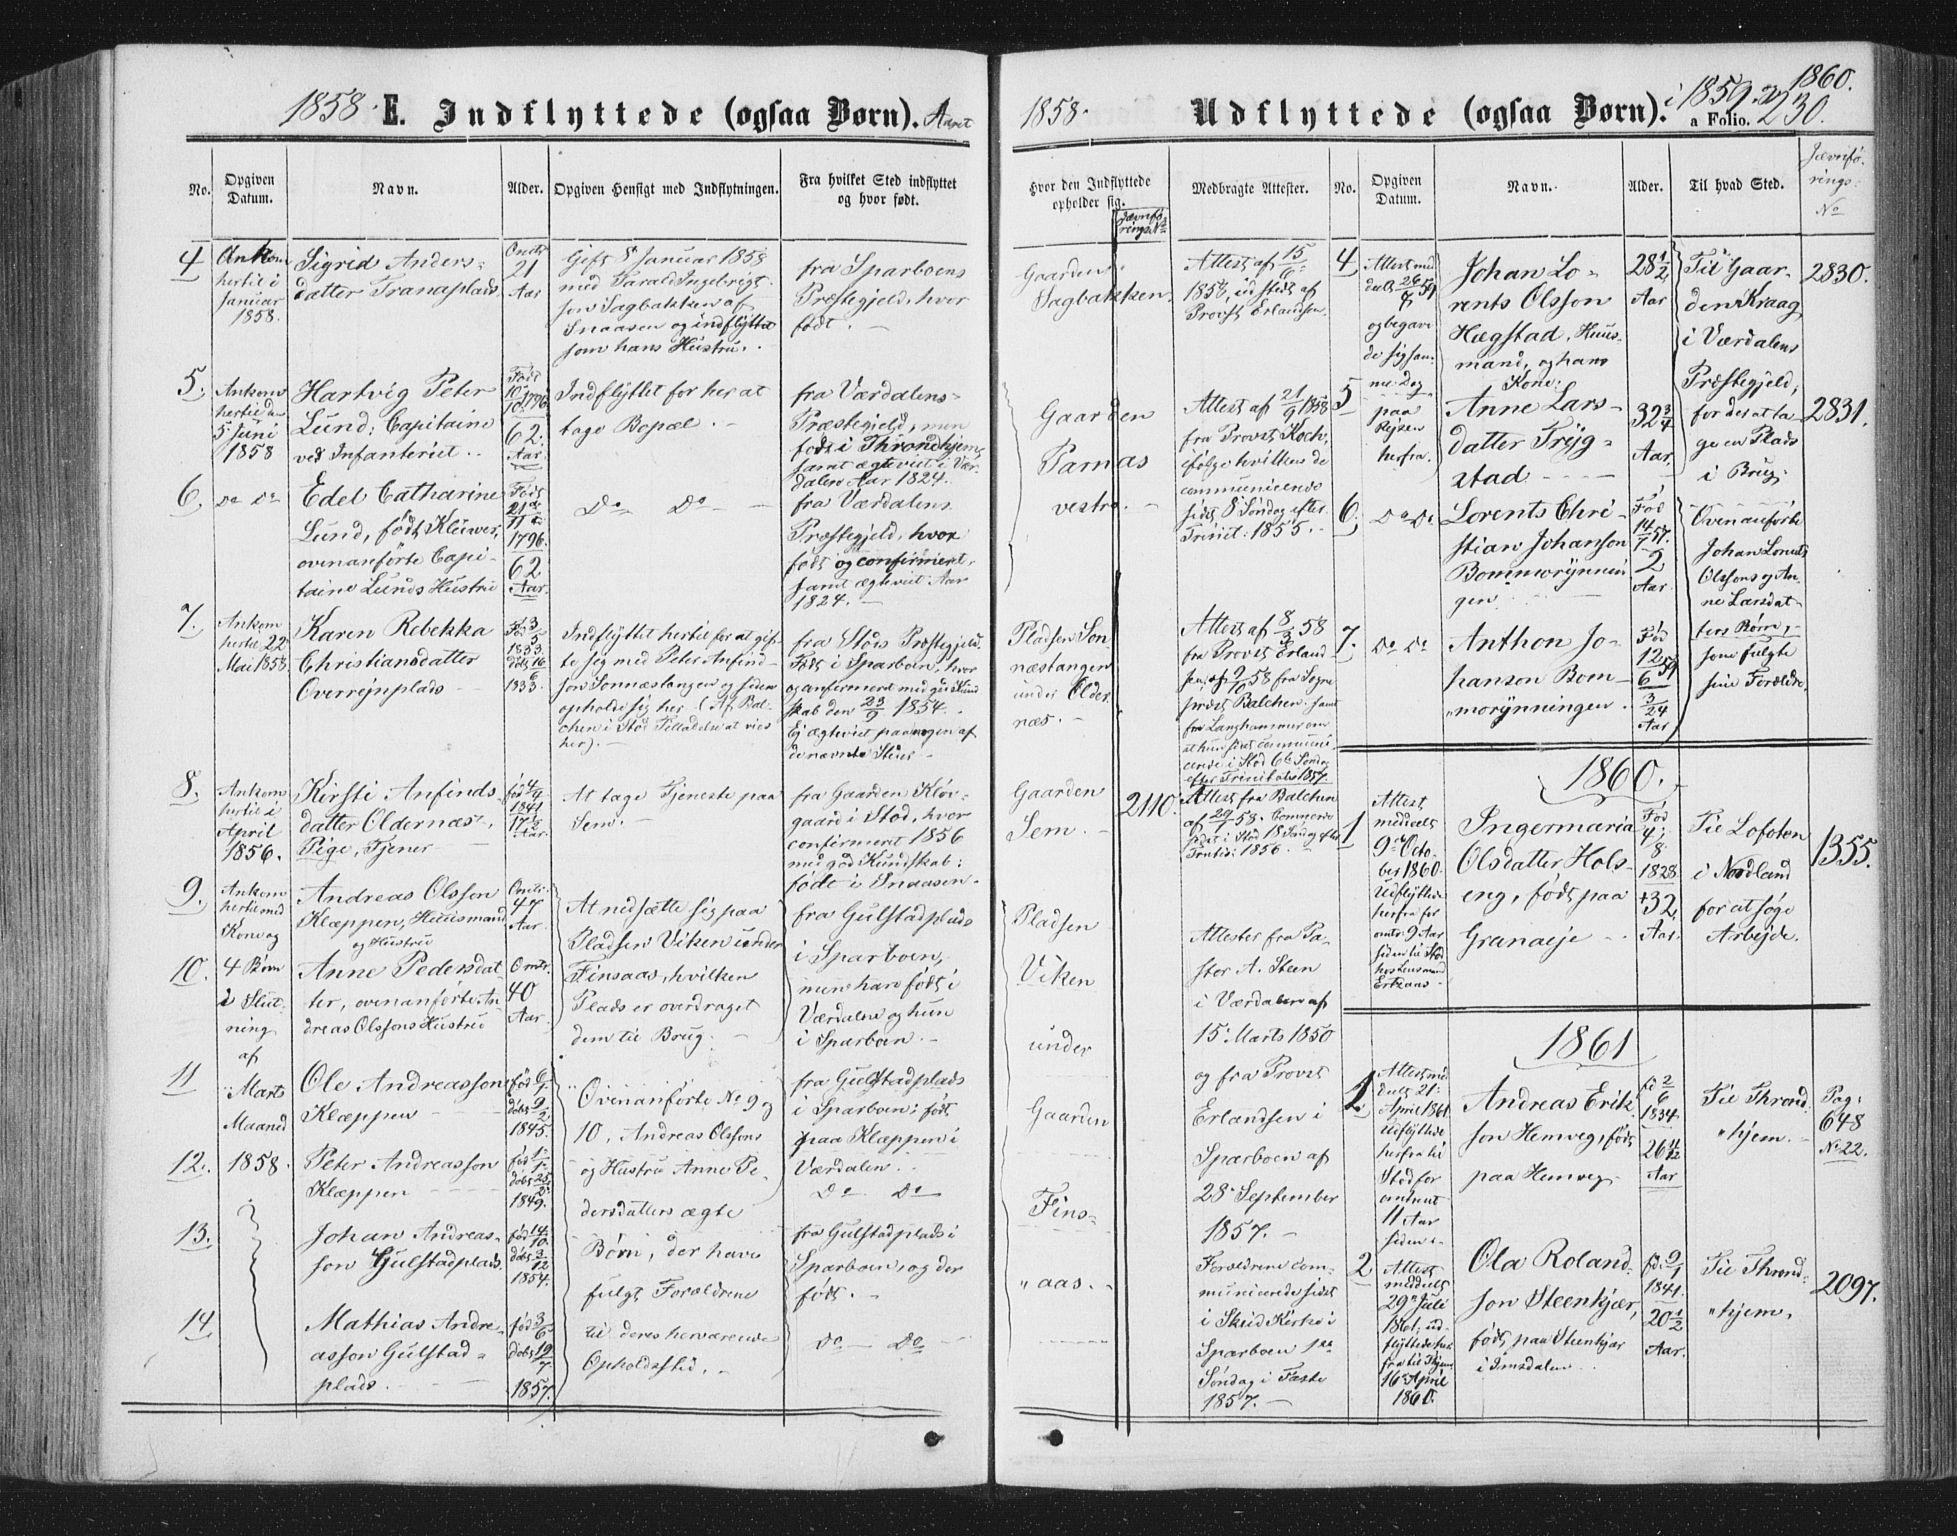 SAT, Ministerialprotokoller, klokkerbøker og fødselsregistre - Nord-Trøndelag, 749/L0472: Ministerialbok nr. 749A06, 1857-1873, s. 230